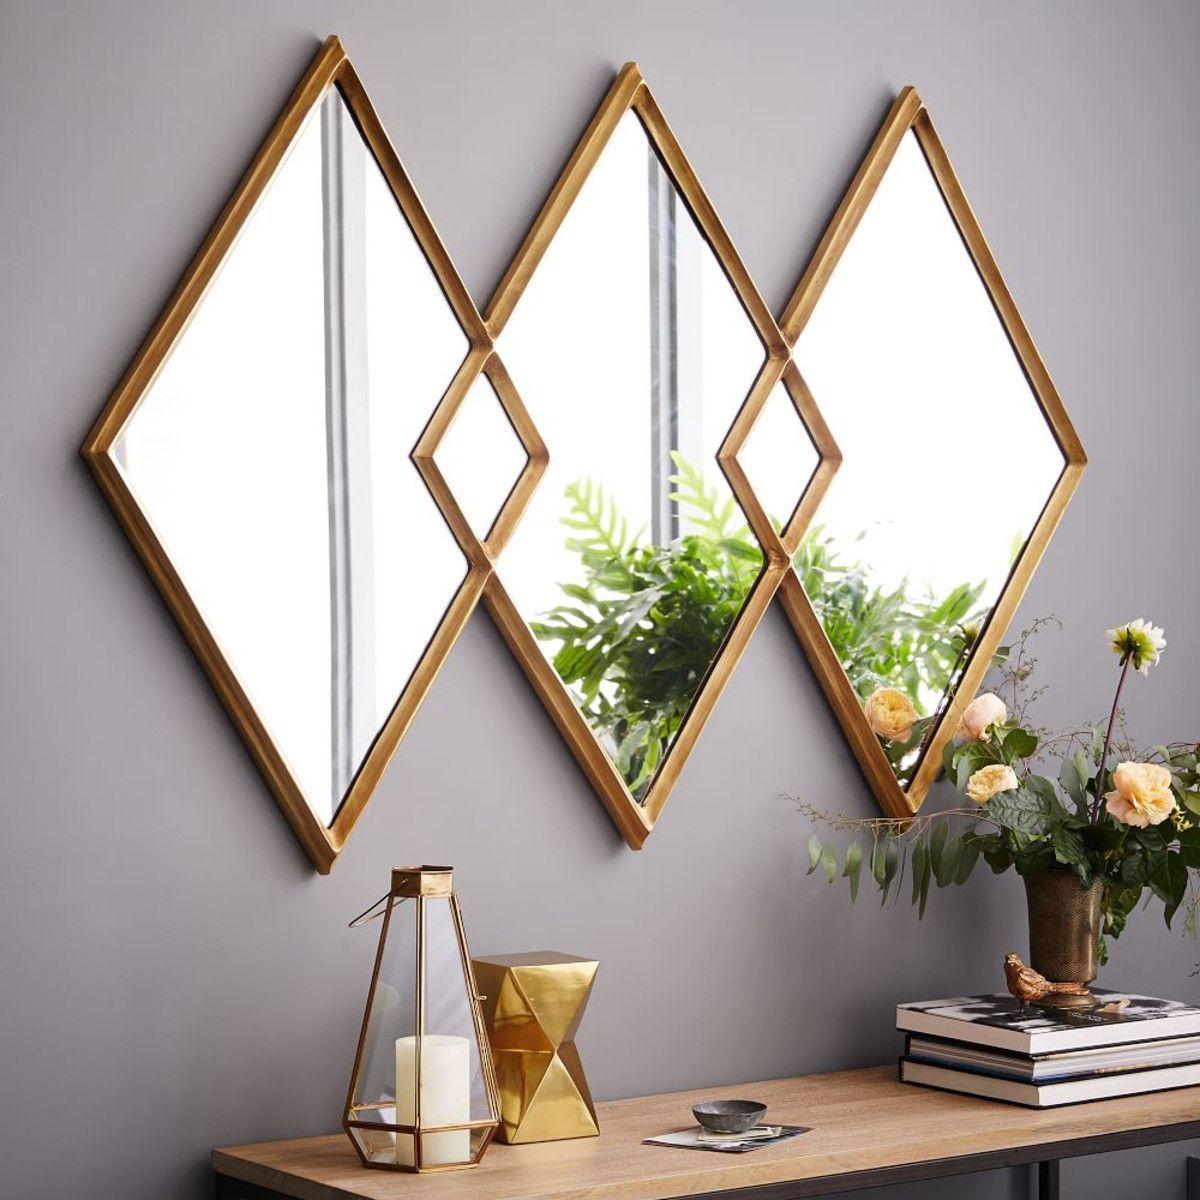 Wohnzimmerspiegel über couch geometric antique brass finished frame mirror to make a statement in